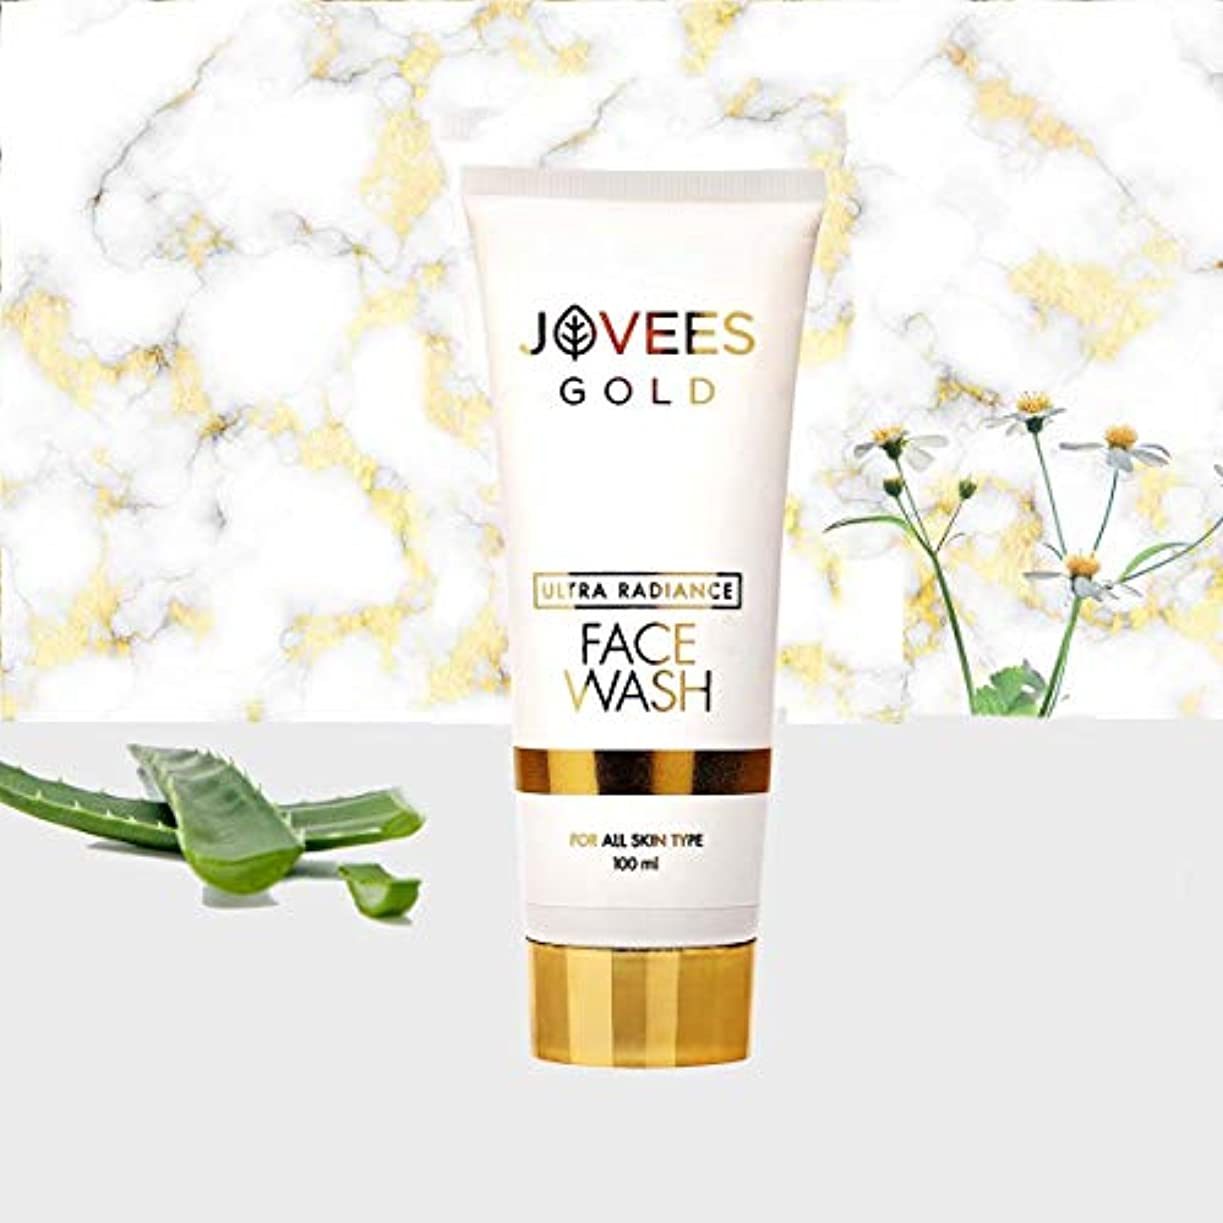 先行するどういたしましてもJovees Ultra Radiance 24K Gold Face Wash 100ml to help bring glow and radiance 輝きと輝きをもたらすのを助けるためにJovees Ultra...